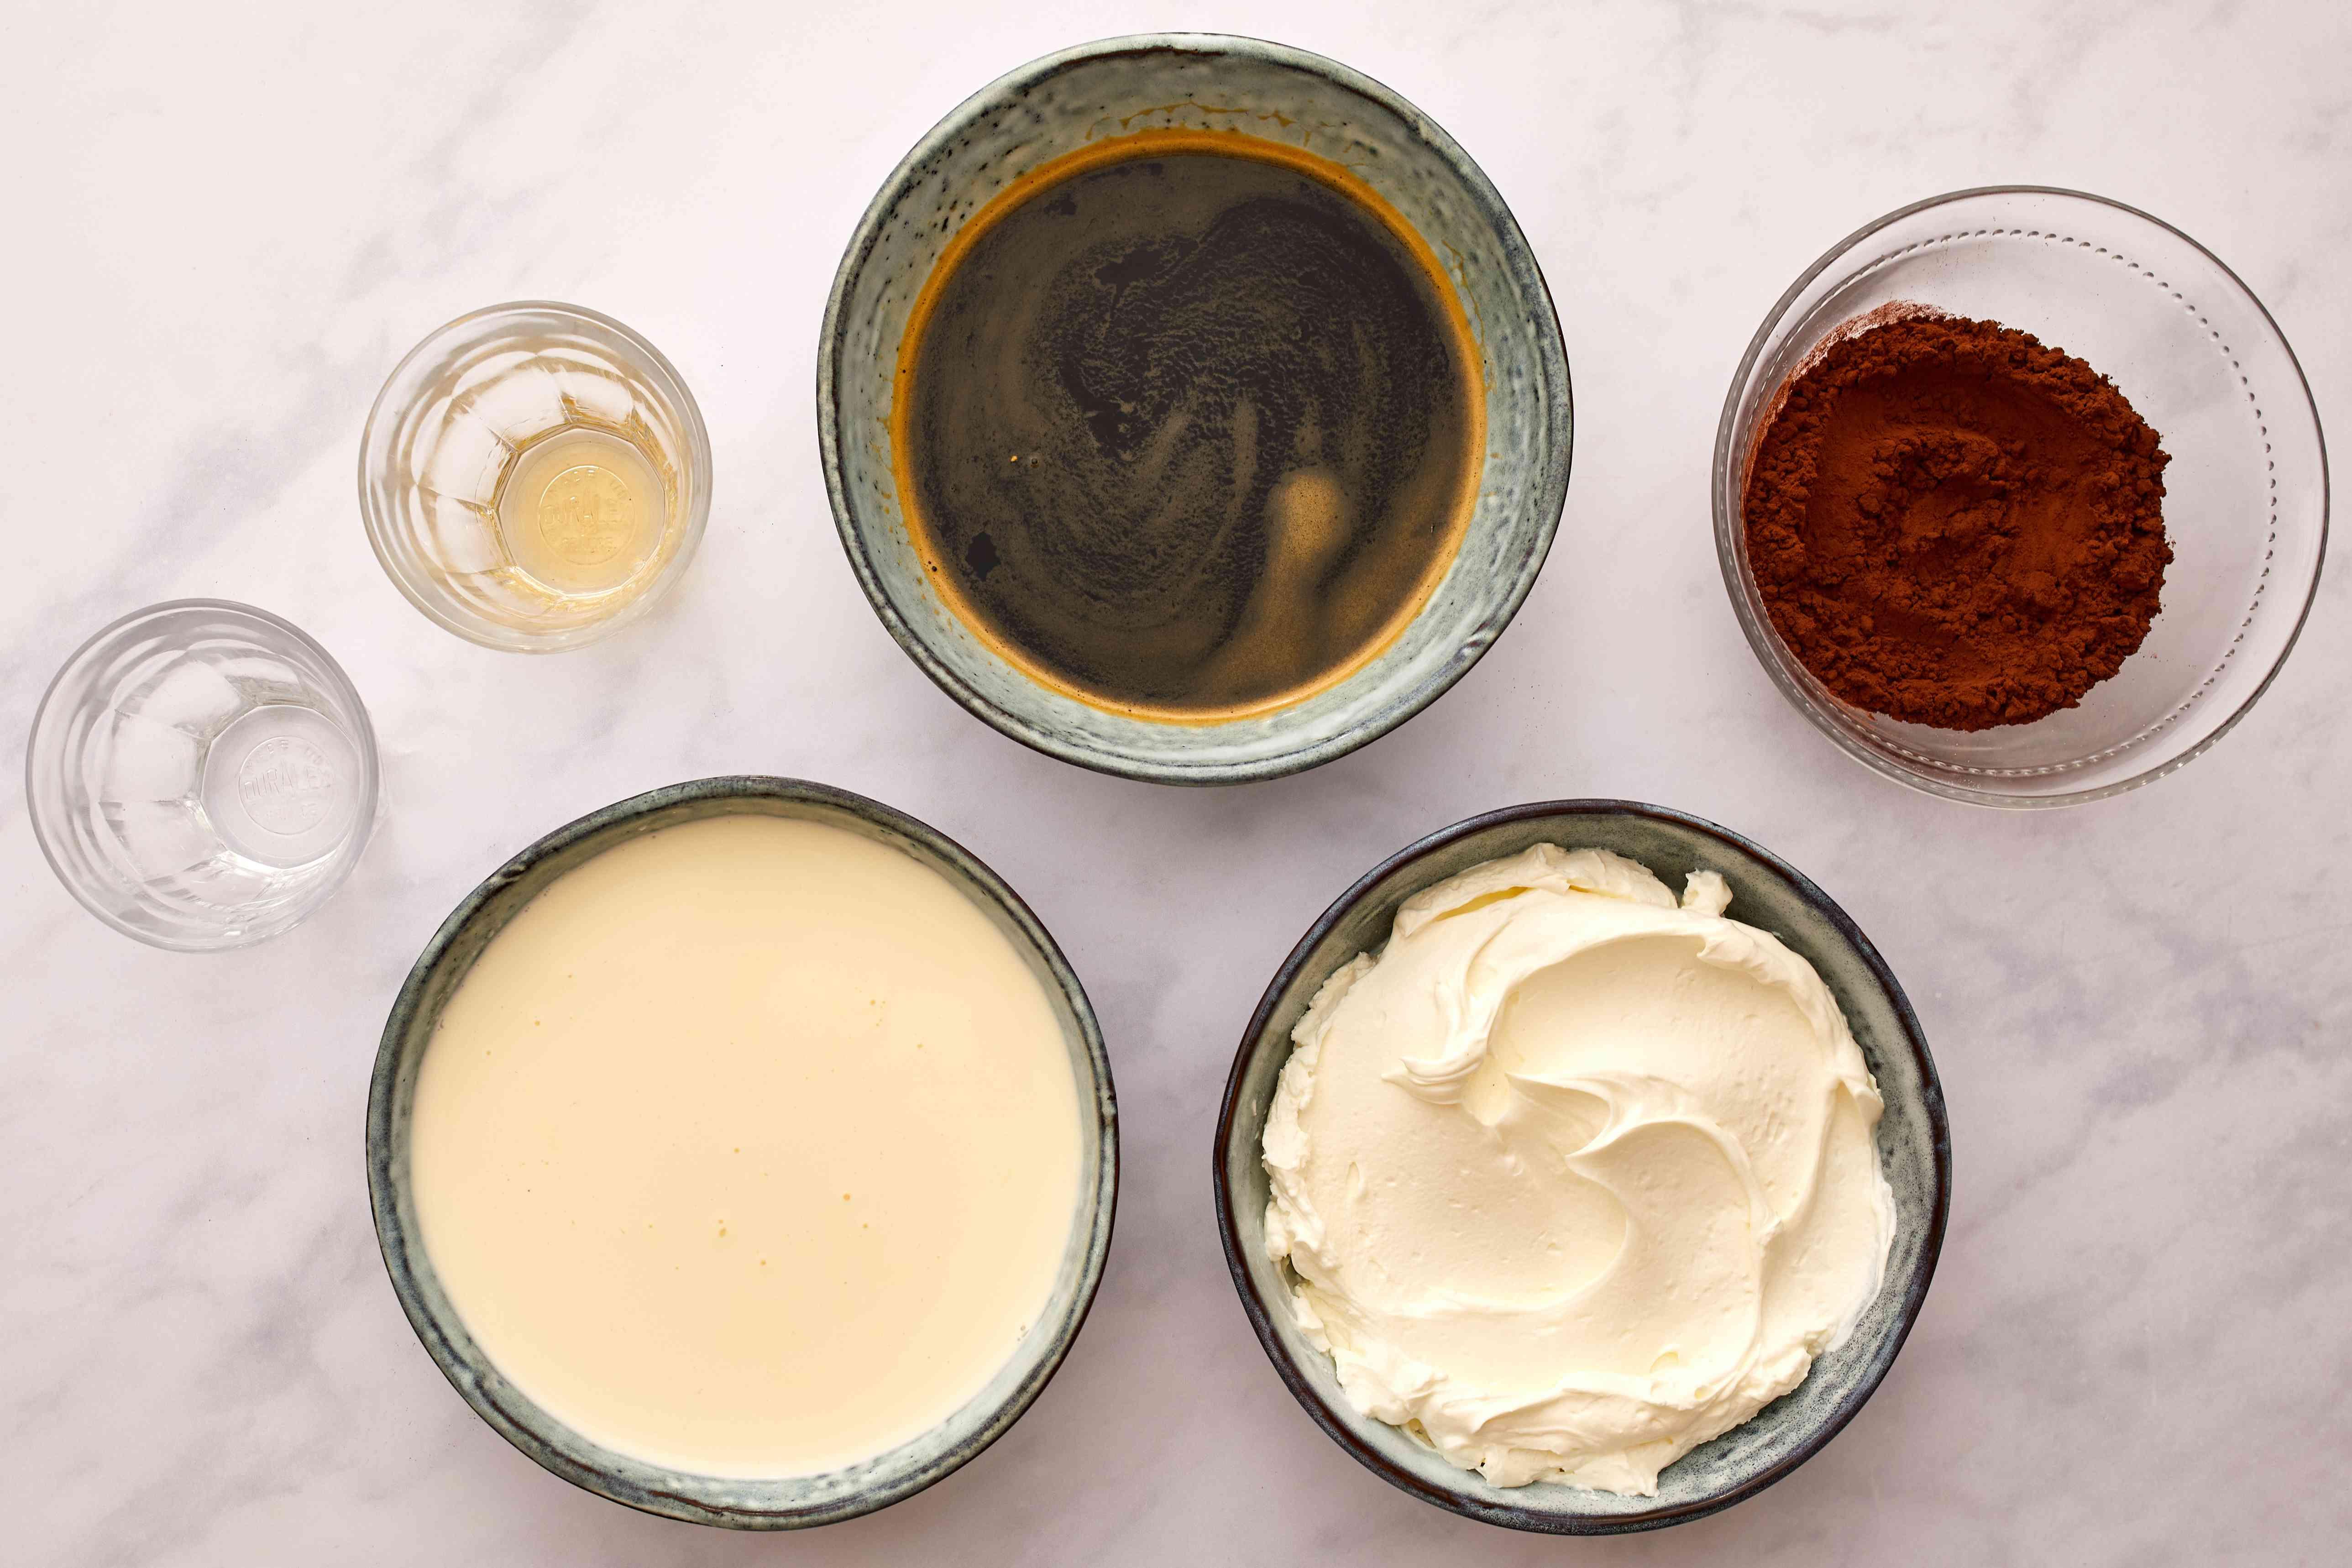 filling ingredients gathered